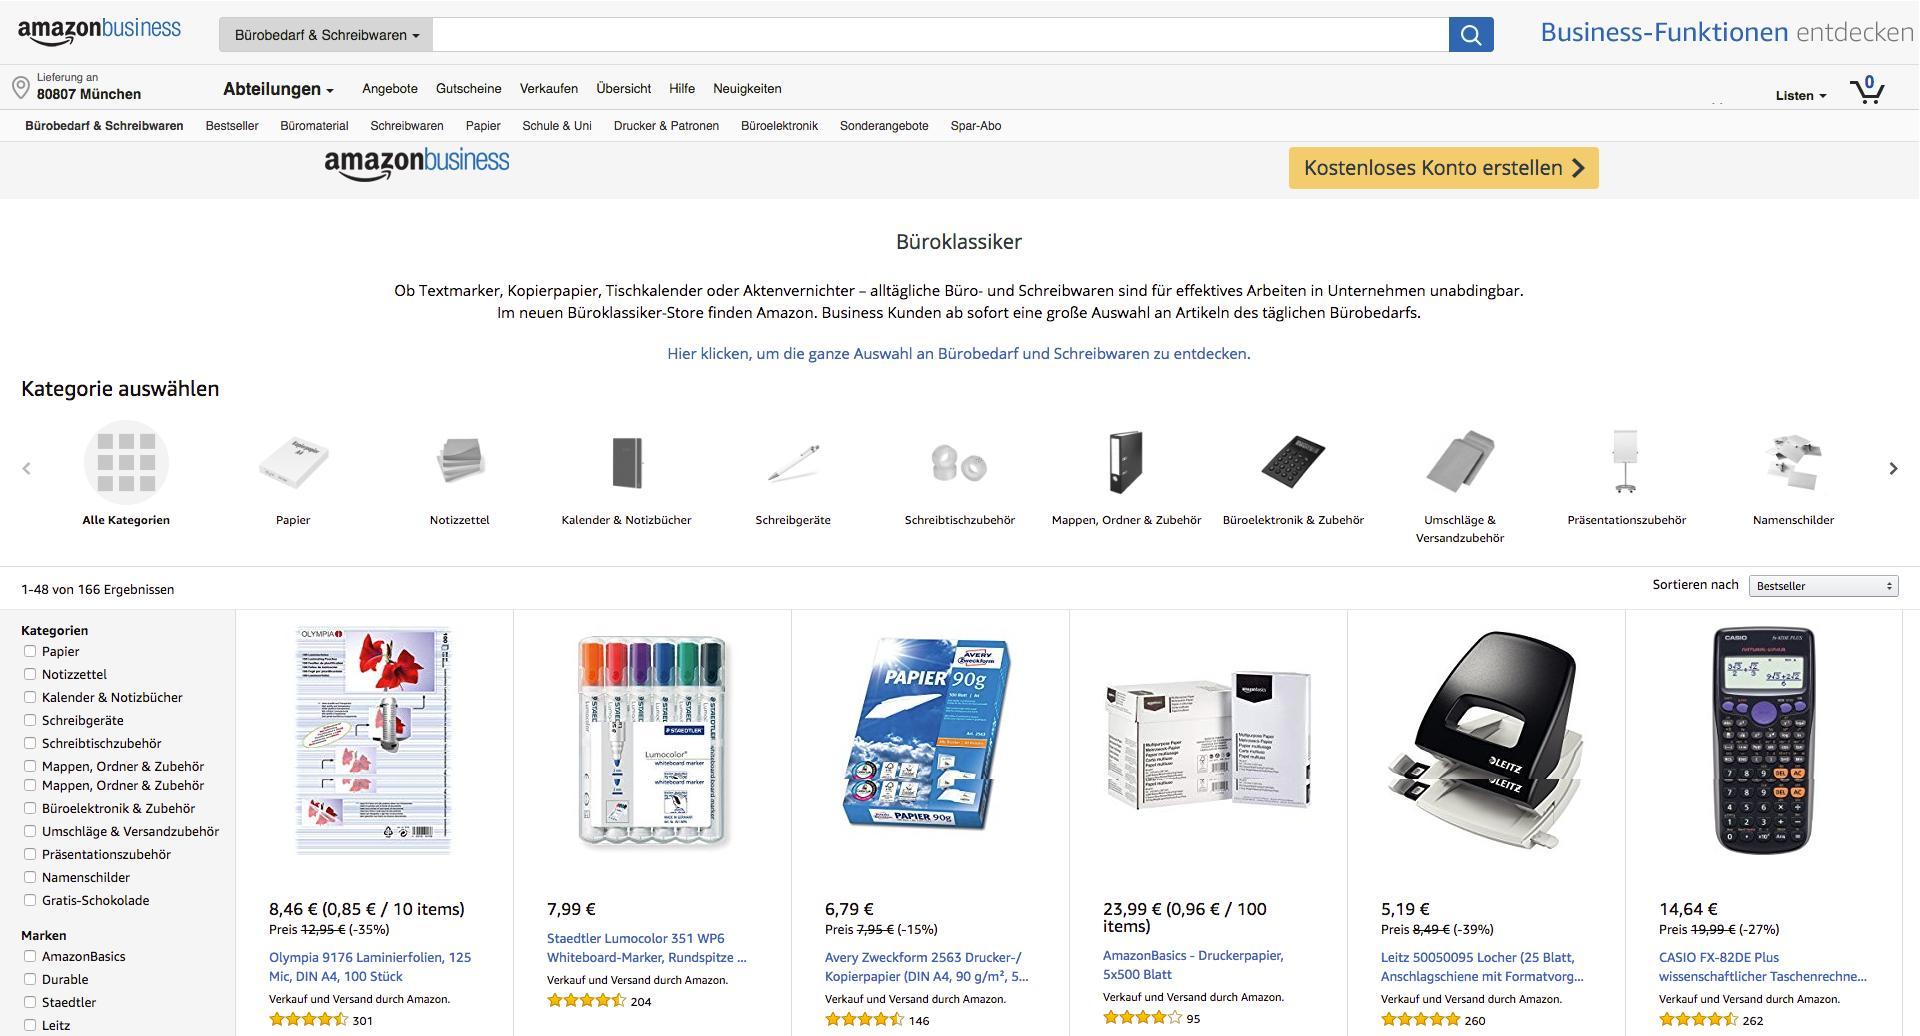 Auf der übersichtlichen Website können Kunden einfach und schnell Büroklassiker kaufen. Abbildung: Amazon